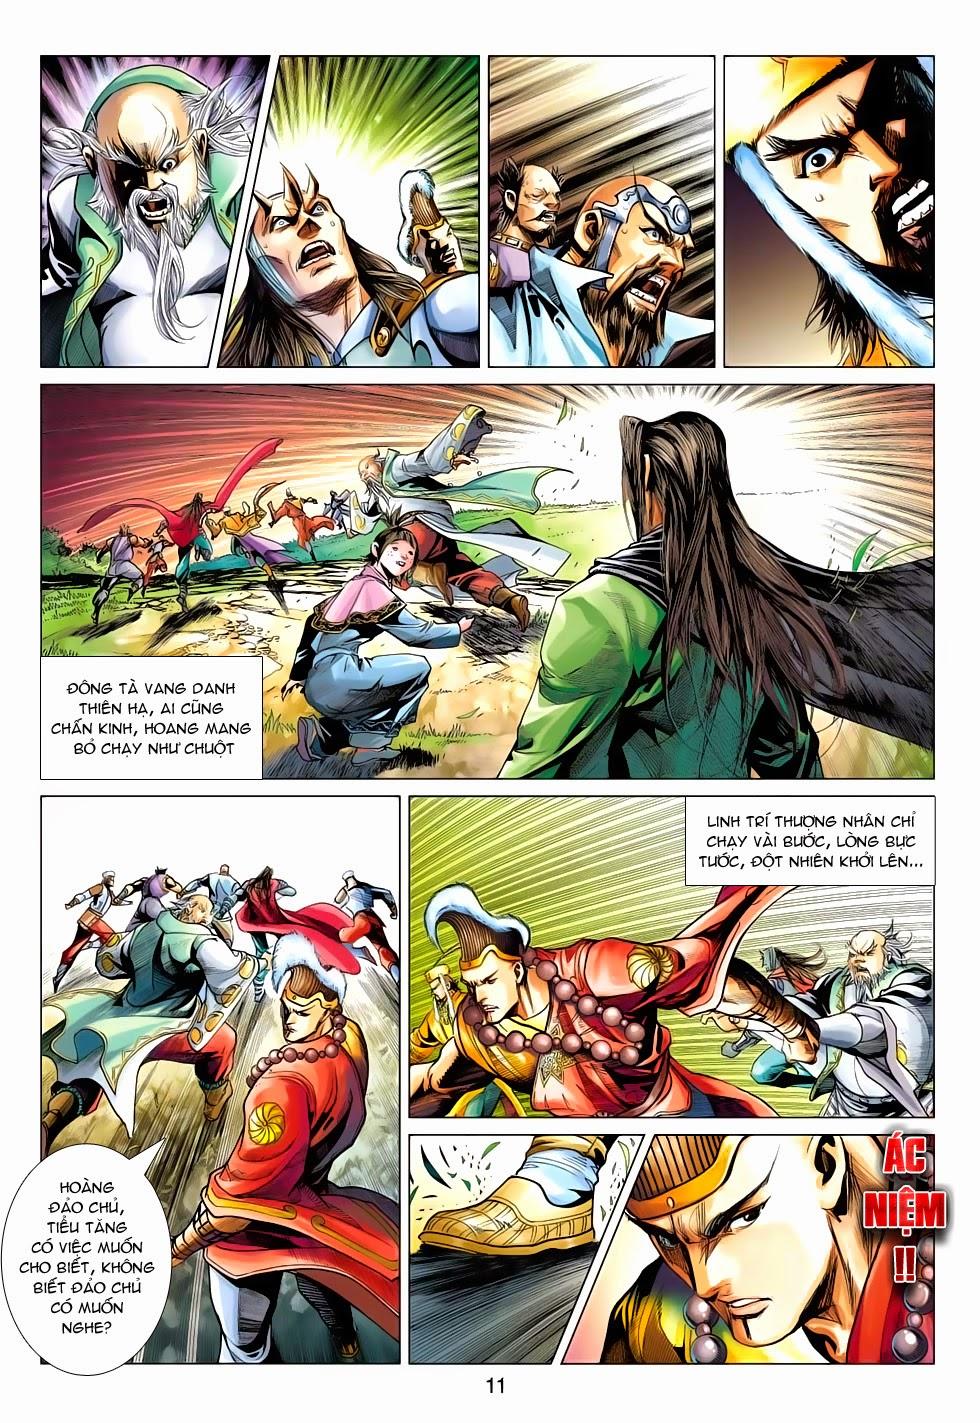 xem truyen moi - Anh Hùng Xạ Điêu - Chapter 60: Bi Ca Đương Khốc